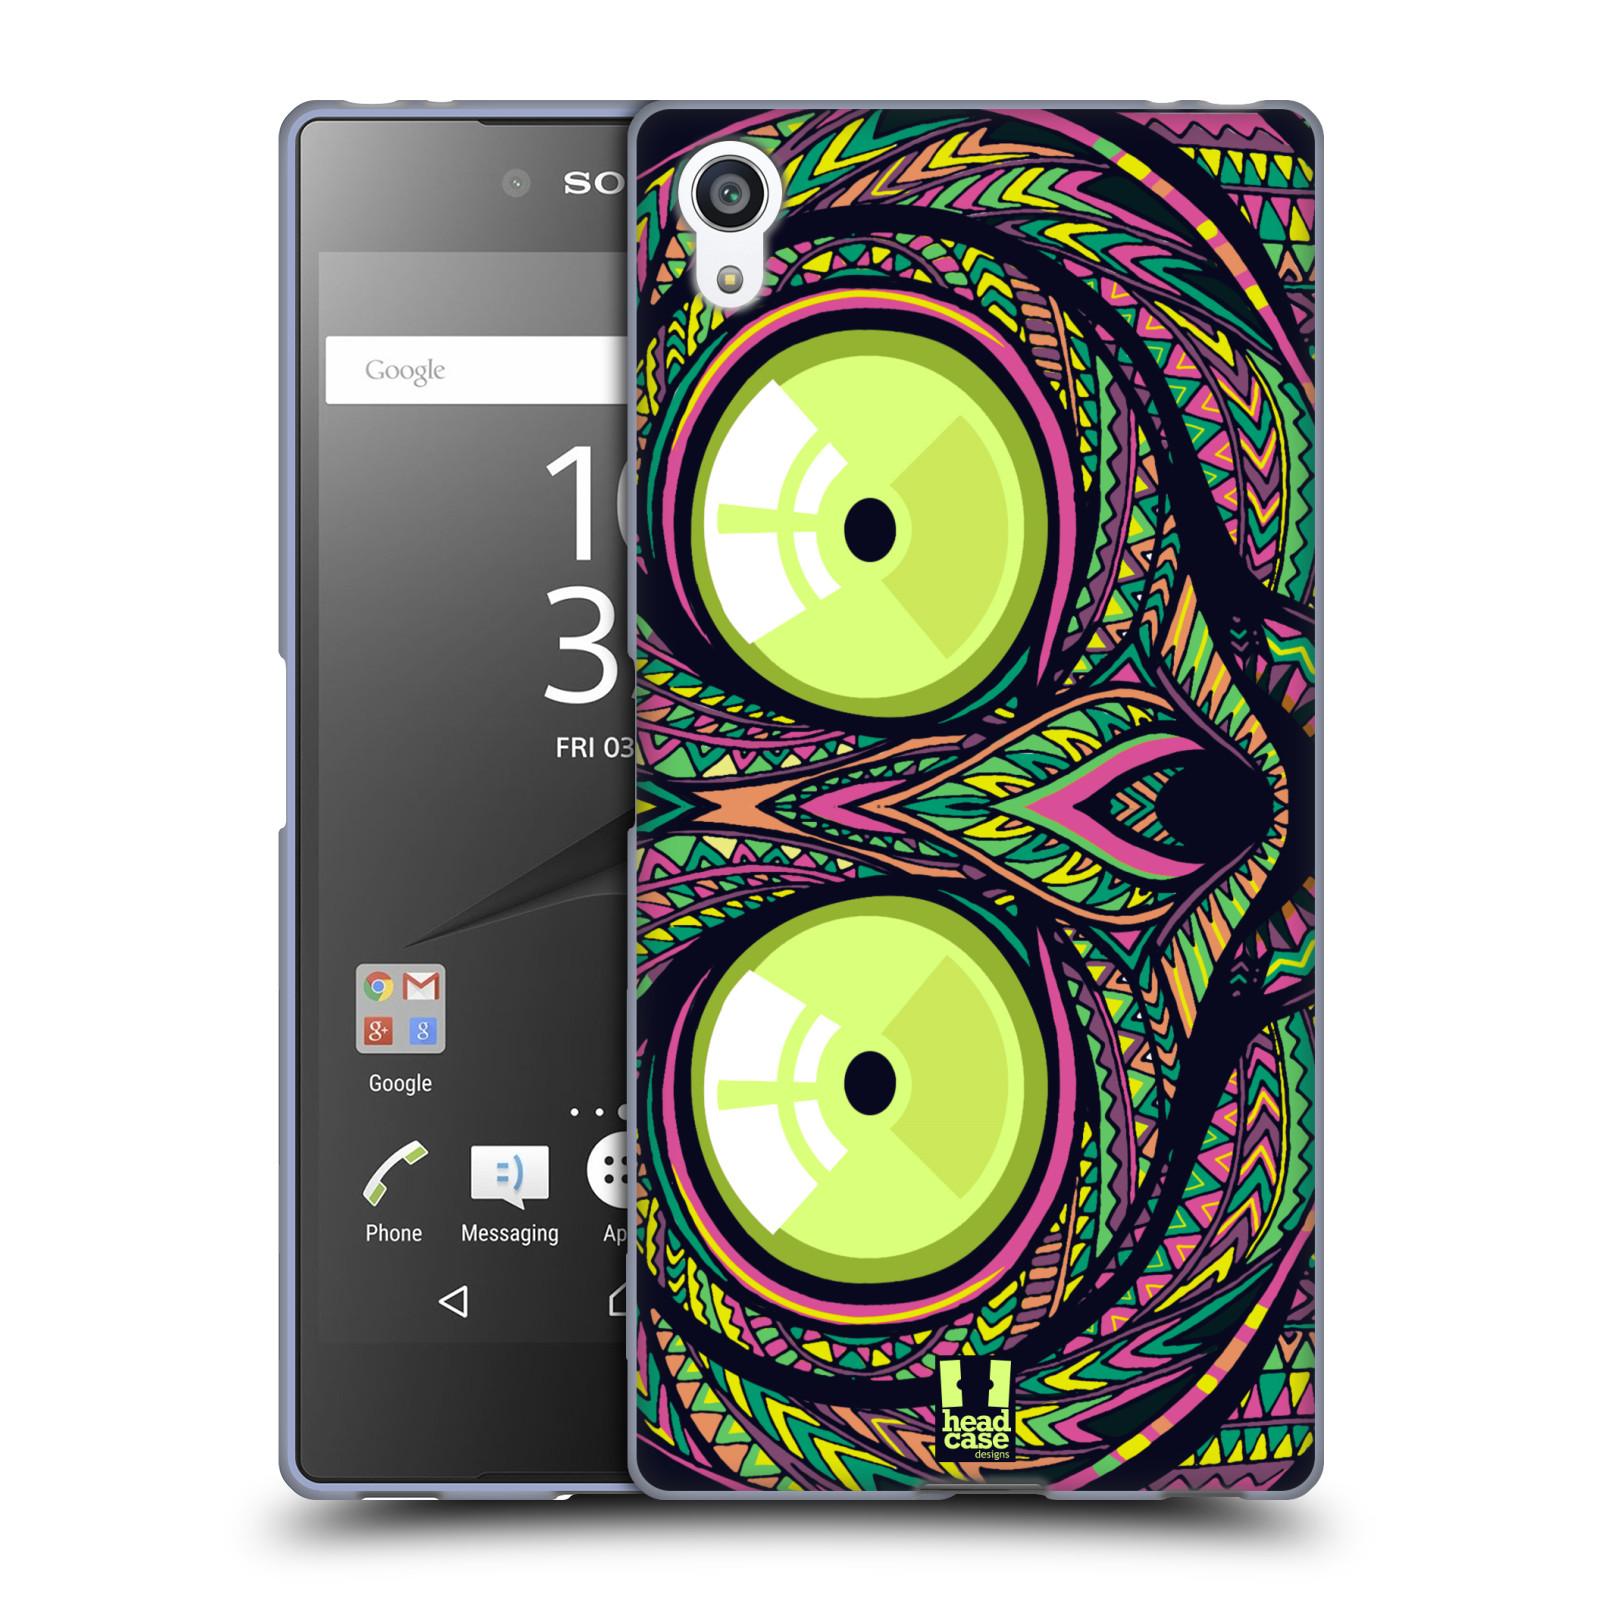 Silikonové pouzdro na mobil Sony Xperia Z5 Premium HEAD CASE AZTEC NÁRTOUN